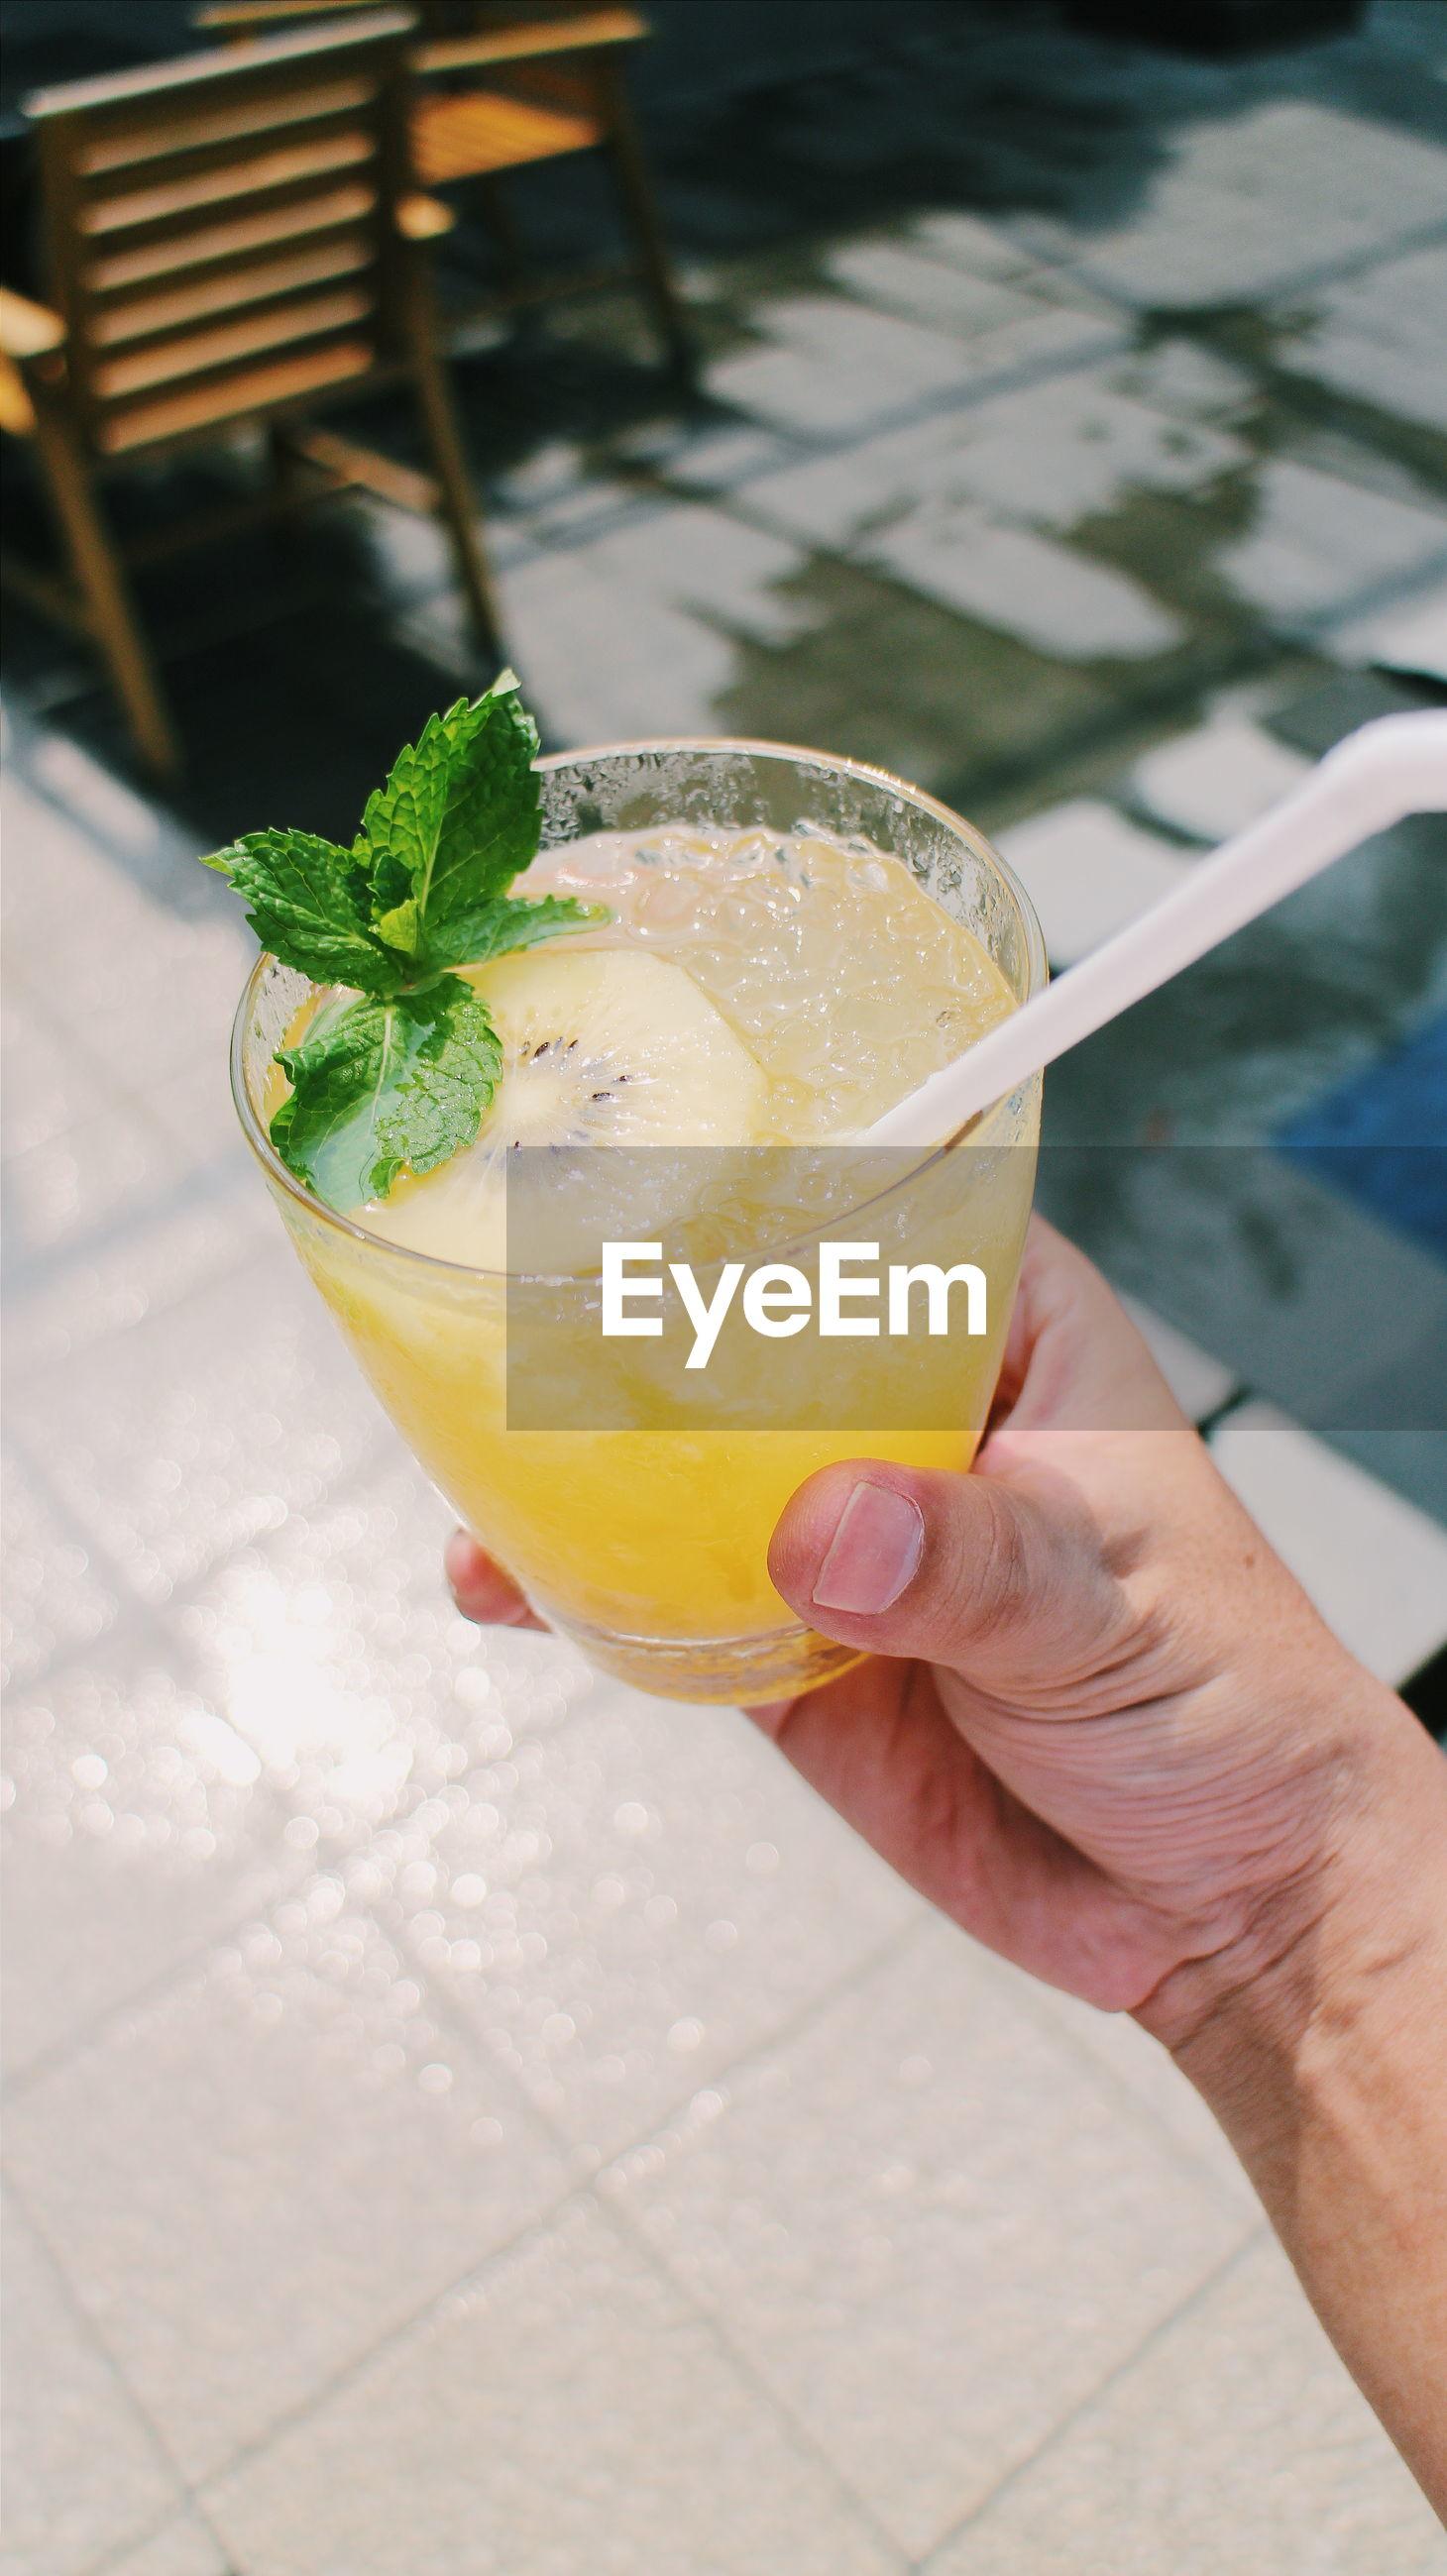 Cropped image of hand holding lemon juice